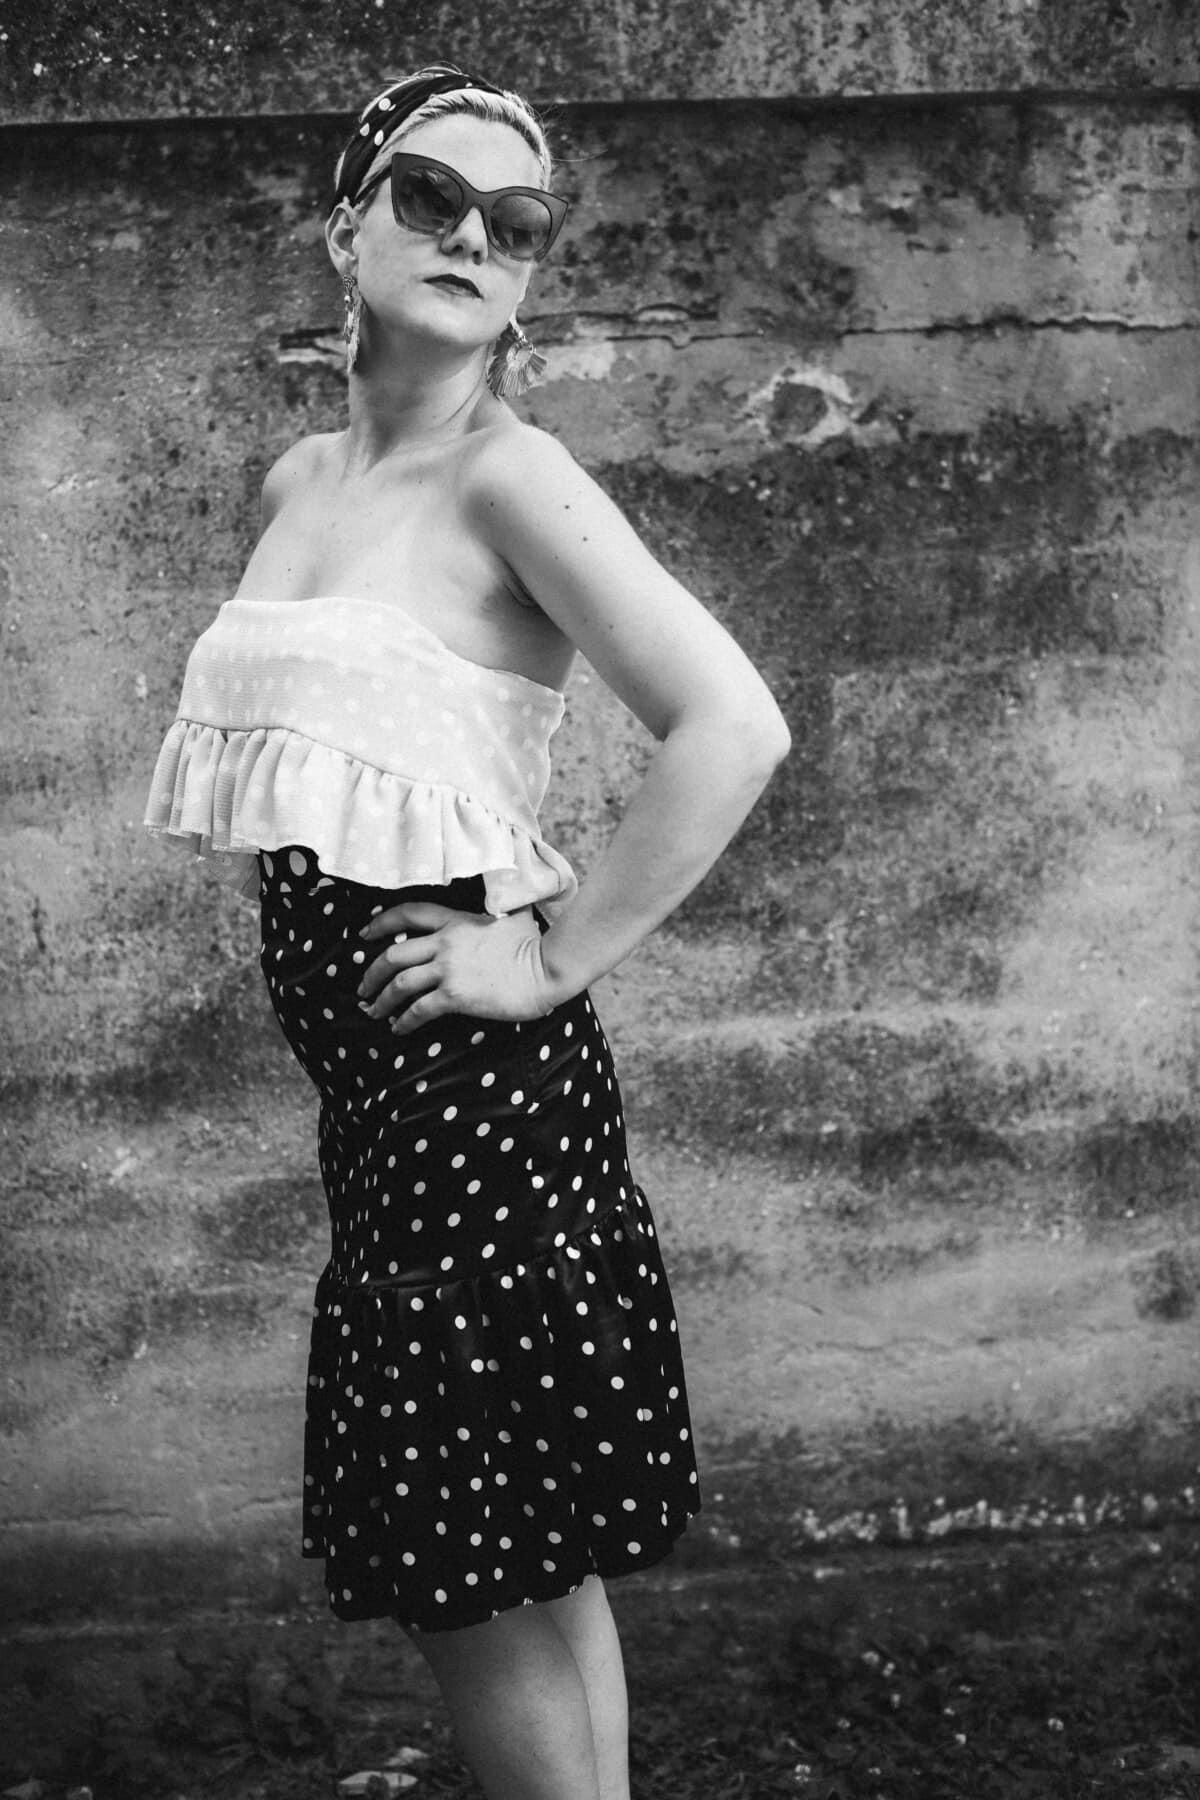 foto modello, bianco e nero, bianco e nero, vintage, fotocopia, piedi, bella ragazza, vestito, gonna, capelli biondi